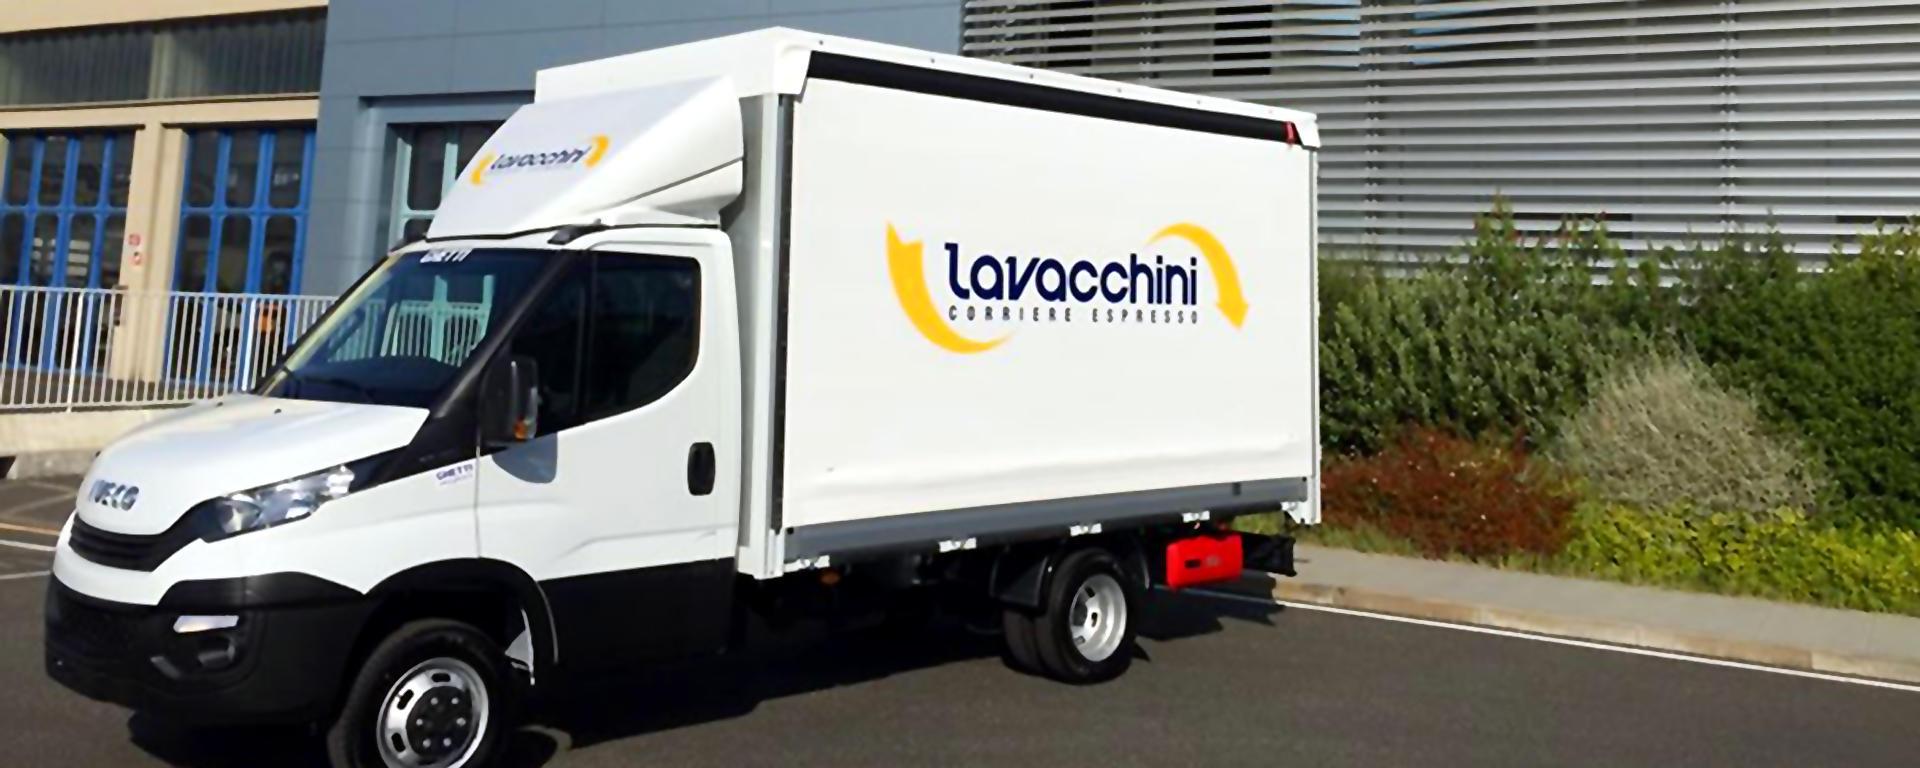 Lavacchini Daily consegna